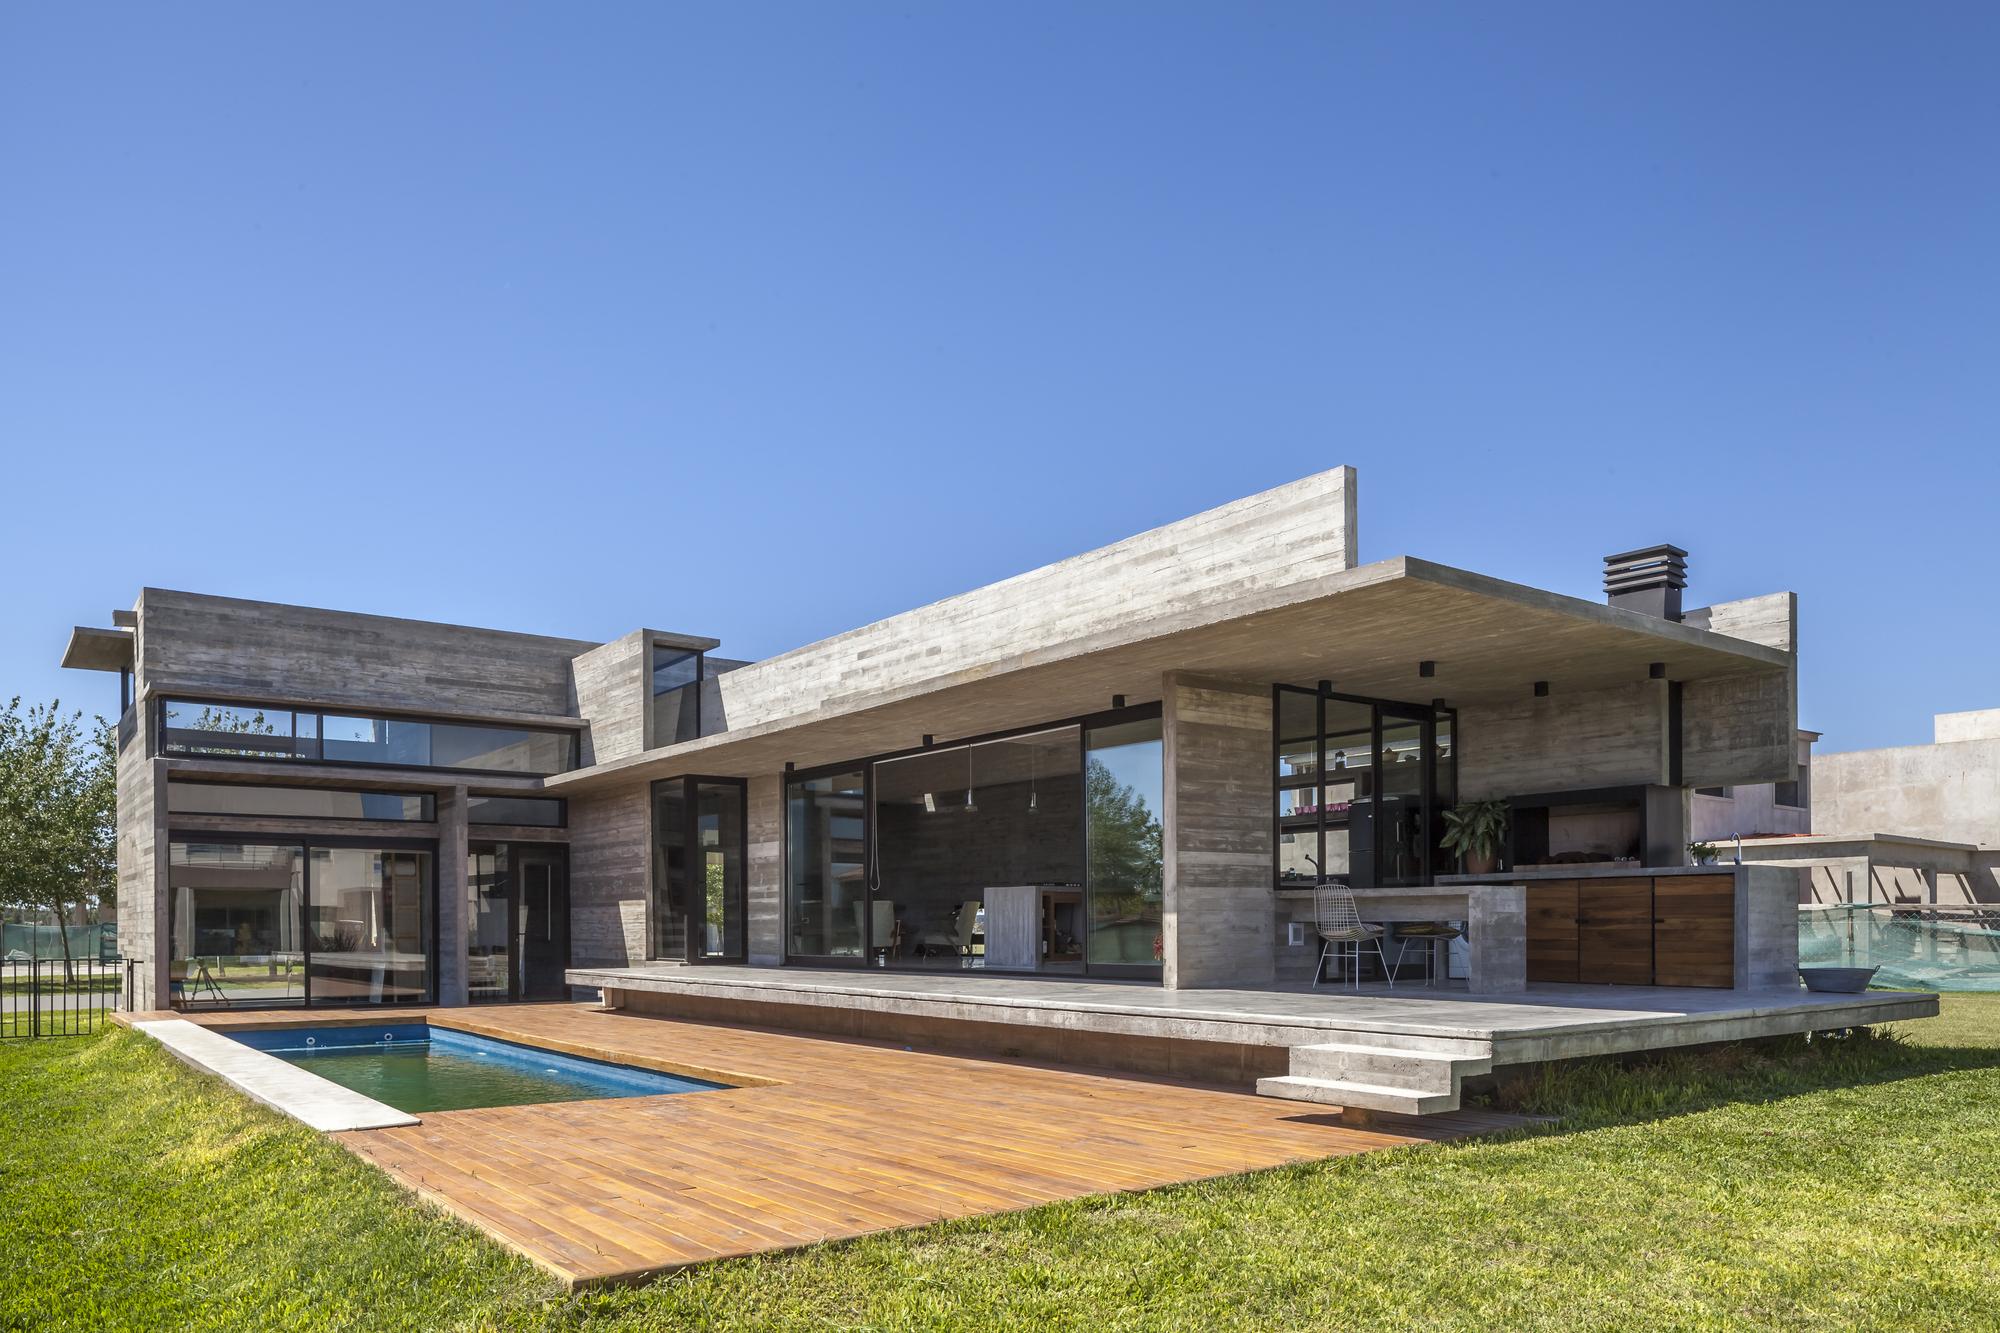 Galer a de casa berazategui beson as almeida arquitectos 7 - Proyectos casas unifamiliares ...